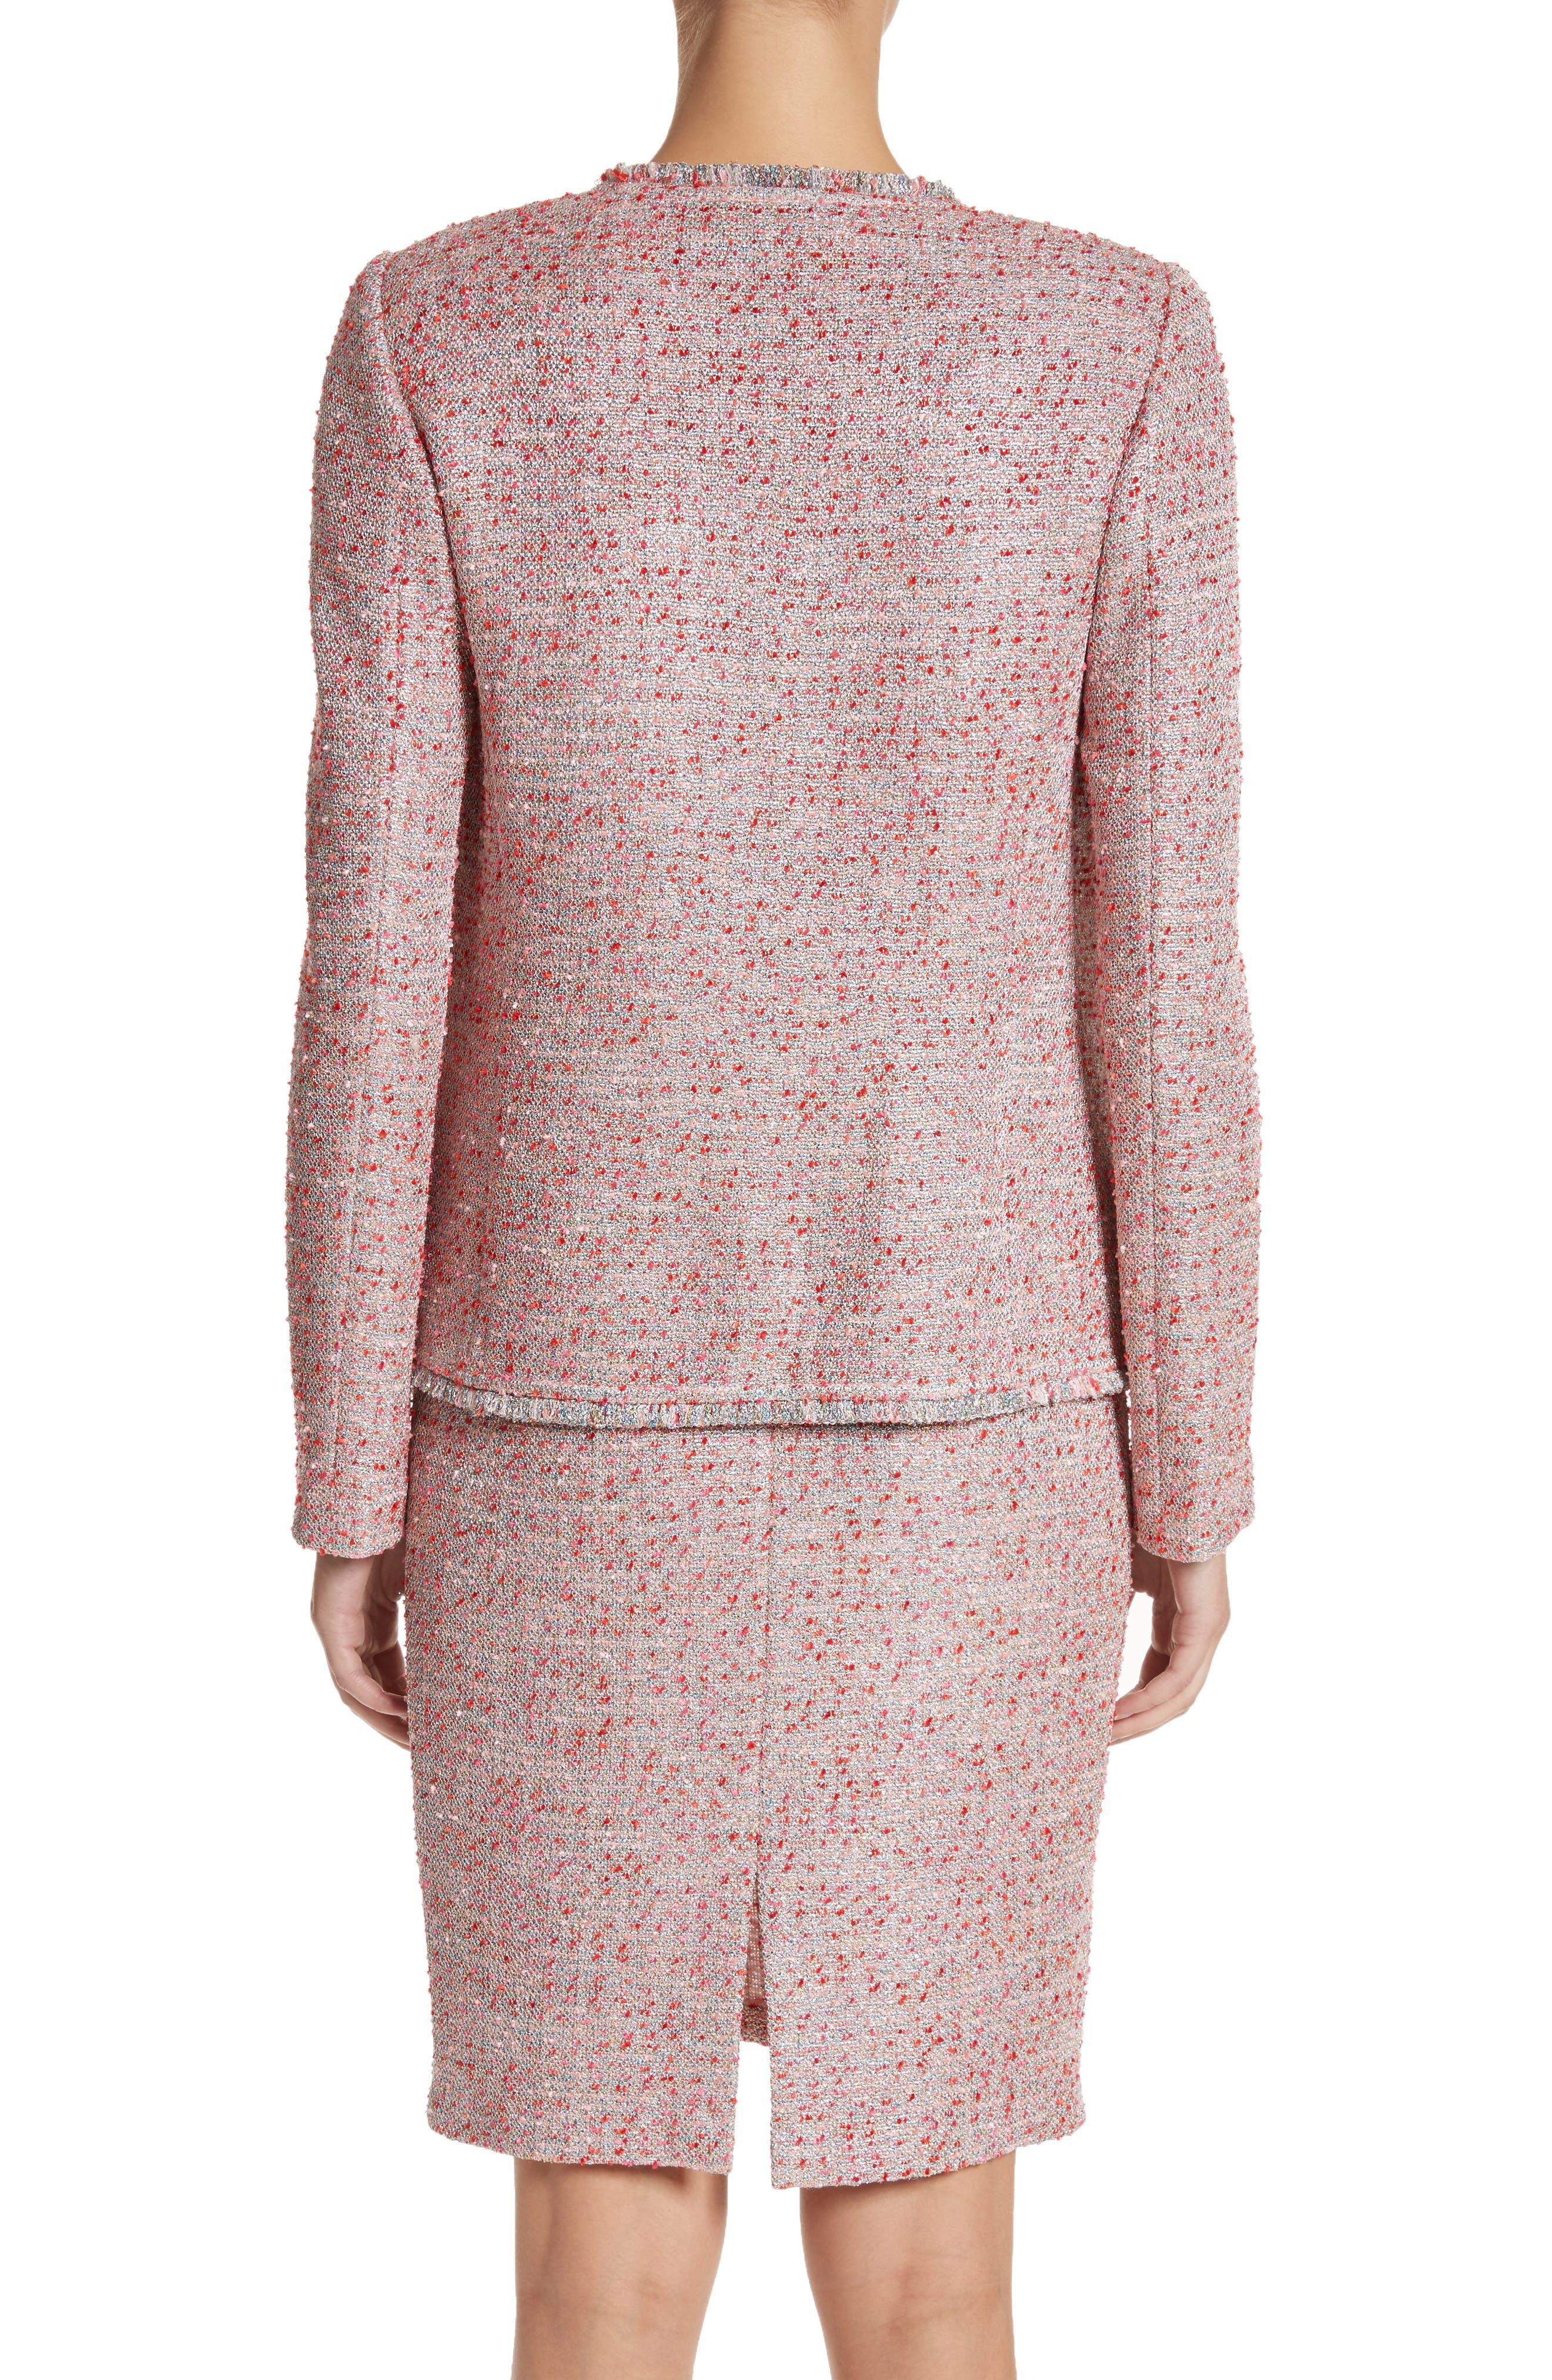 Metallic Tweed Jacket,                             Alternate thumbnail 2, color,                             Rosa Multi